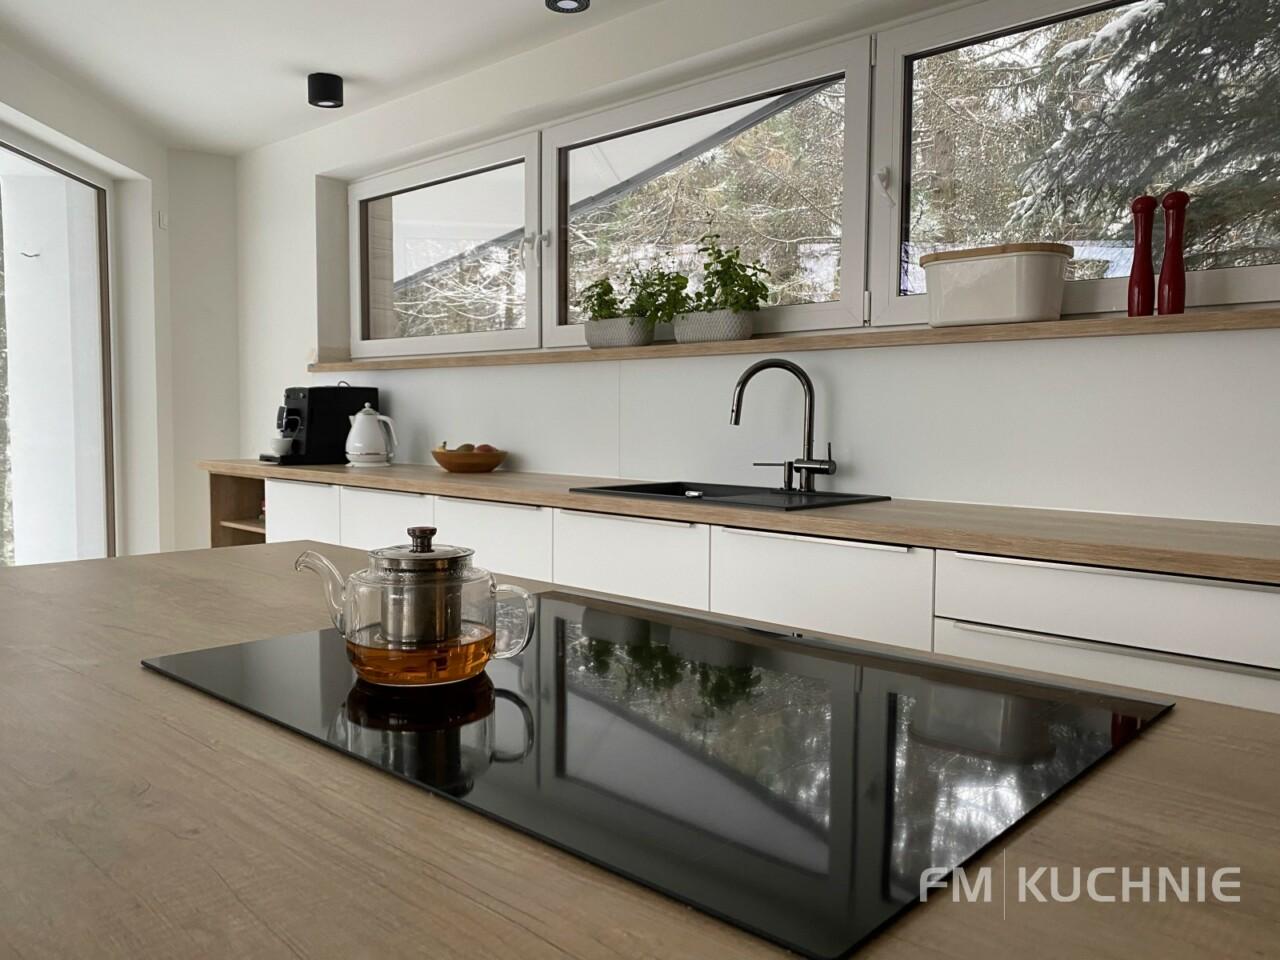 Meble kuchenne na wymiar WFM Calma M101 z frontem lakierowanym na mat, płyta mdf kolor biały ze stalowymi uchwytami krawędziowymi -4- FM KUCHNIE Kraków